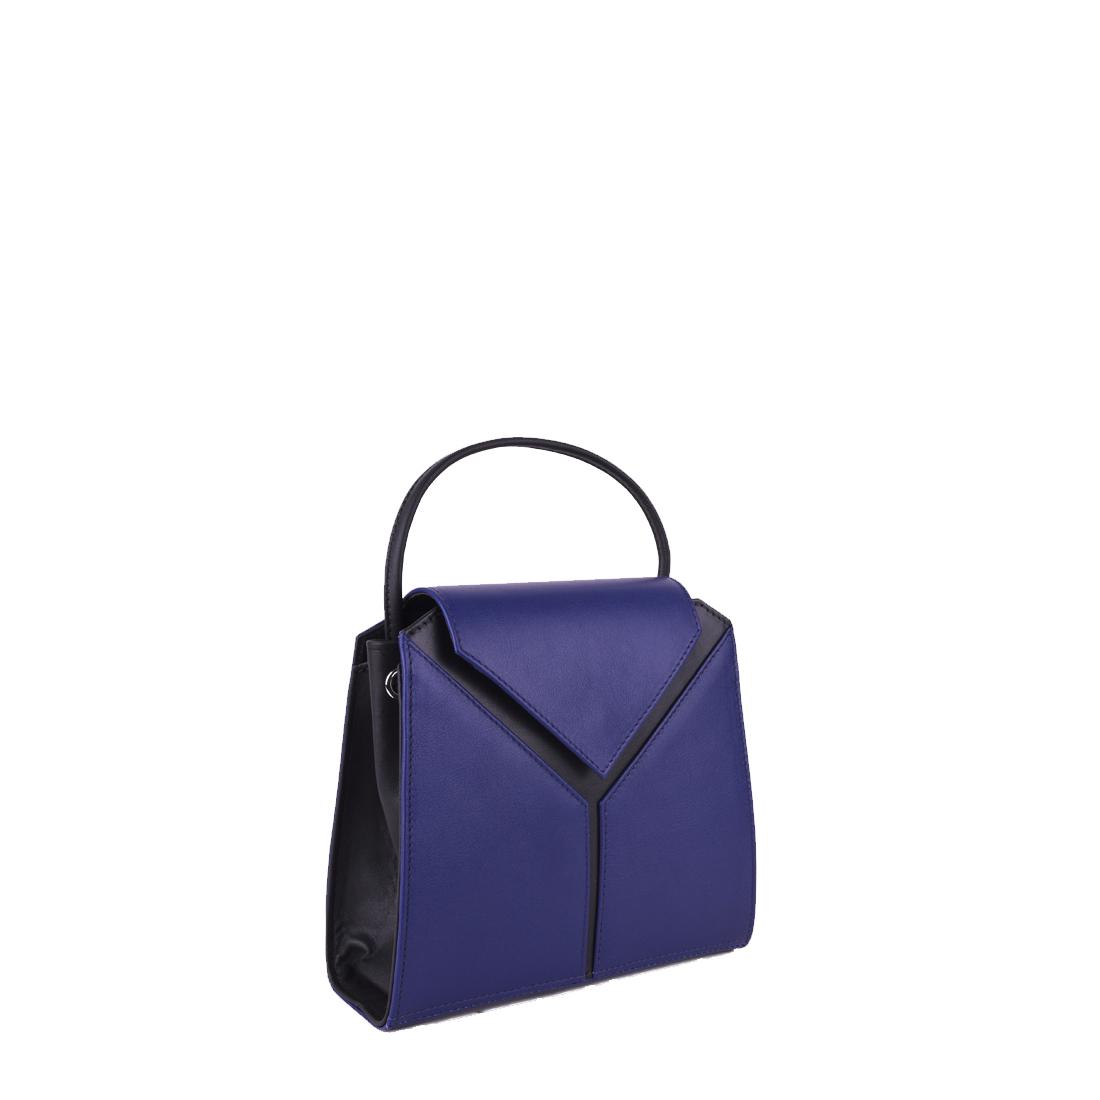 Yasmin Purple Blue Leather Evening Shoulder Bag